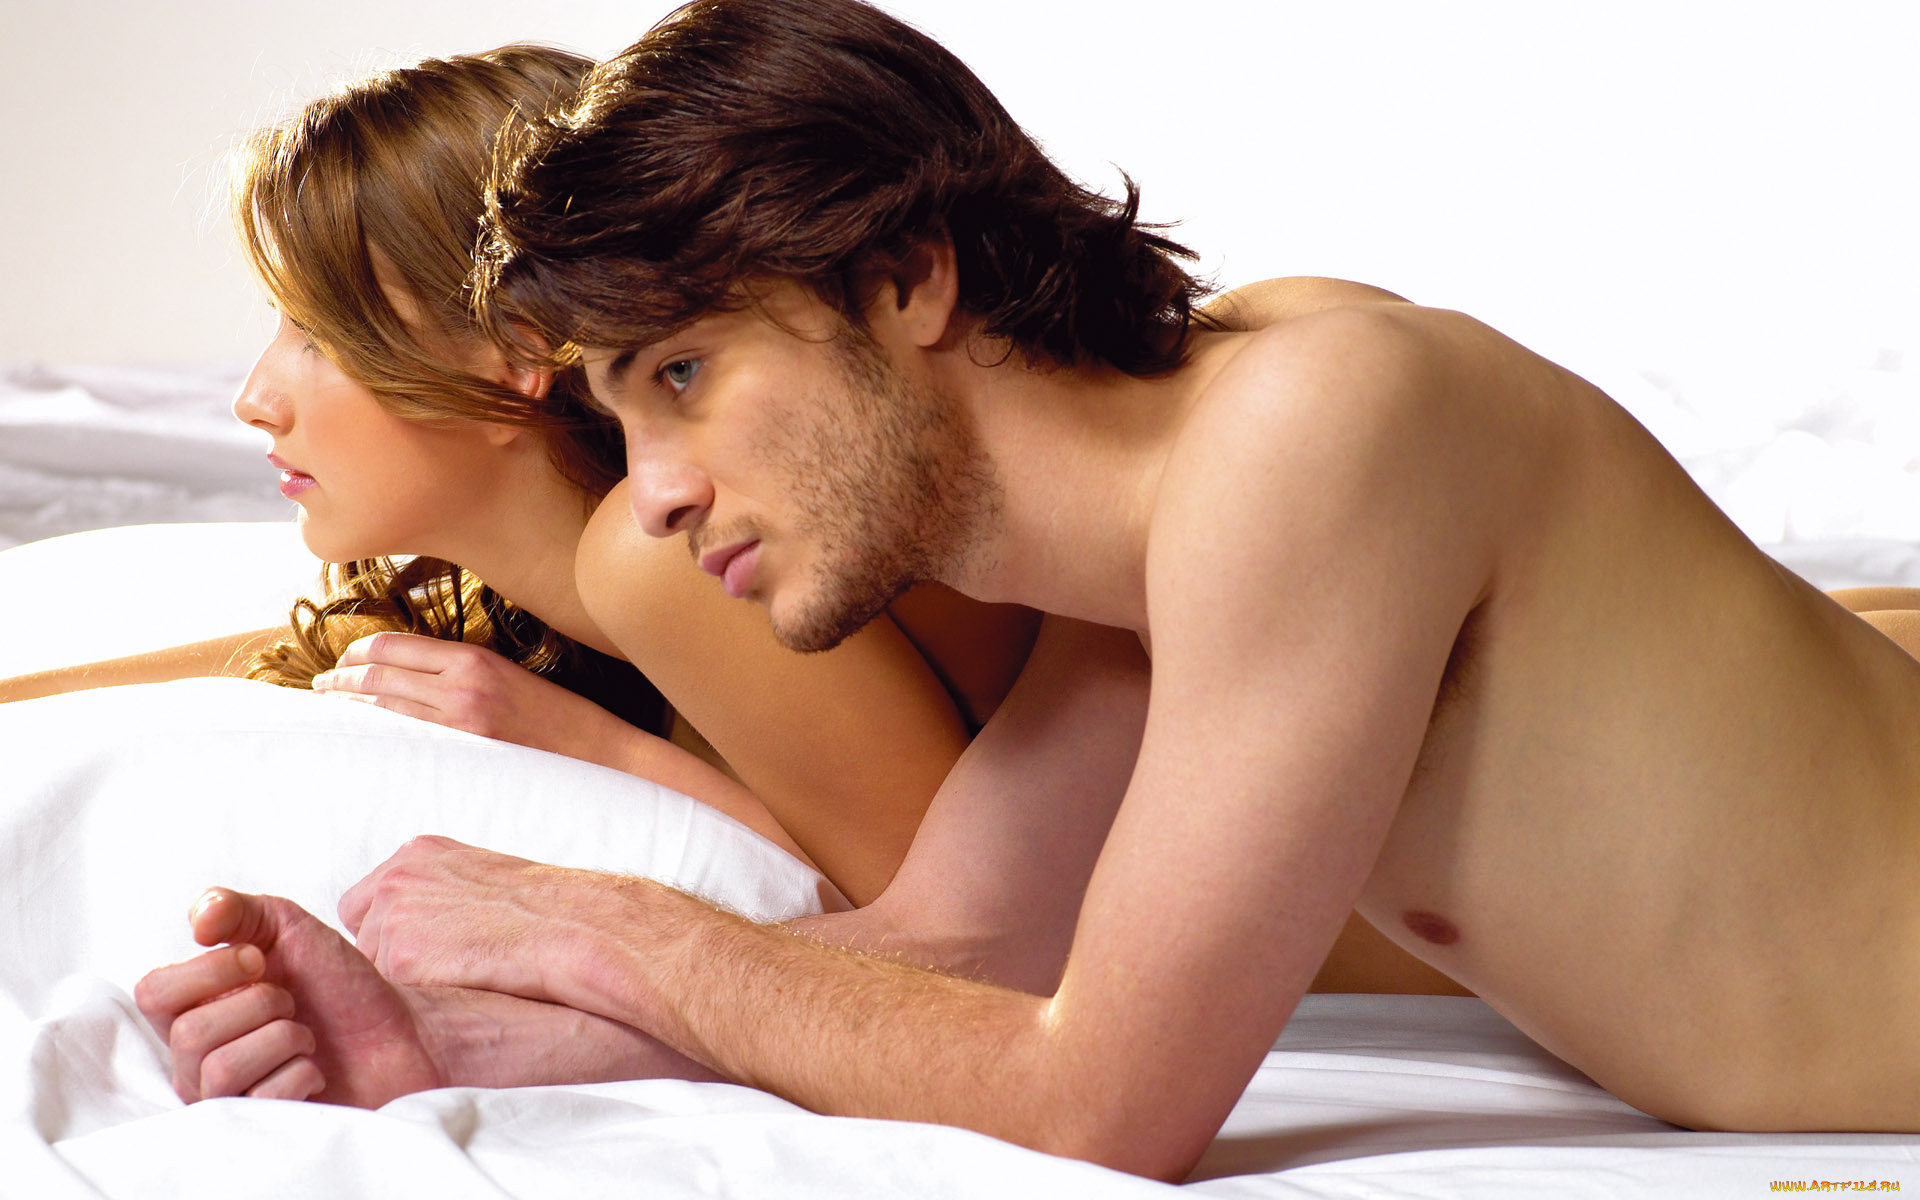 смотреть фото полового контакта между мужчиной и женщиной что-то бормотала